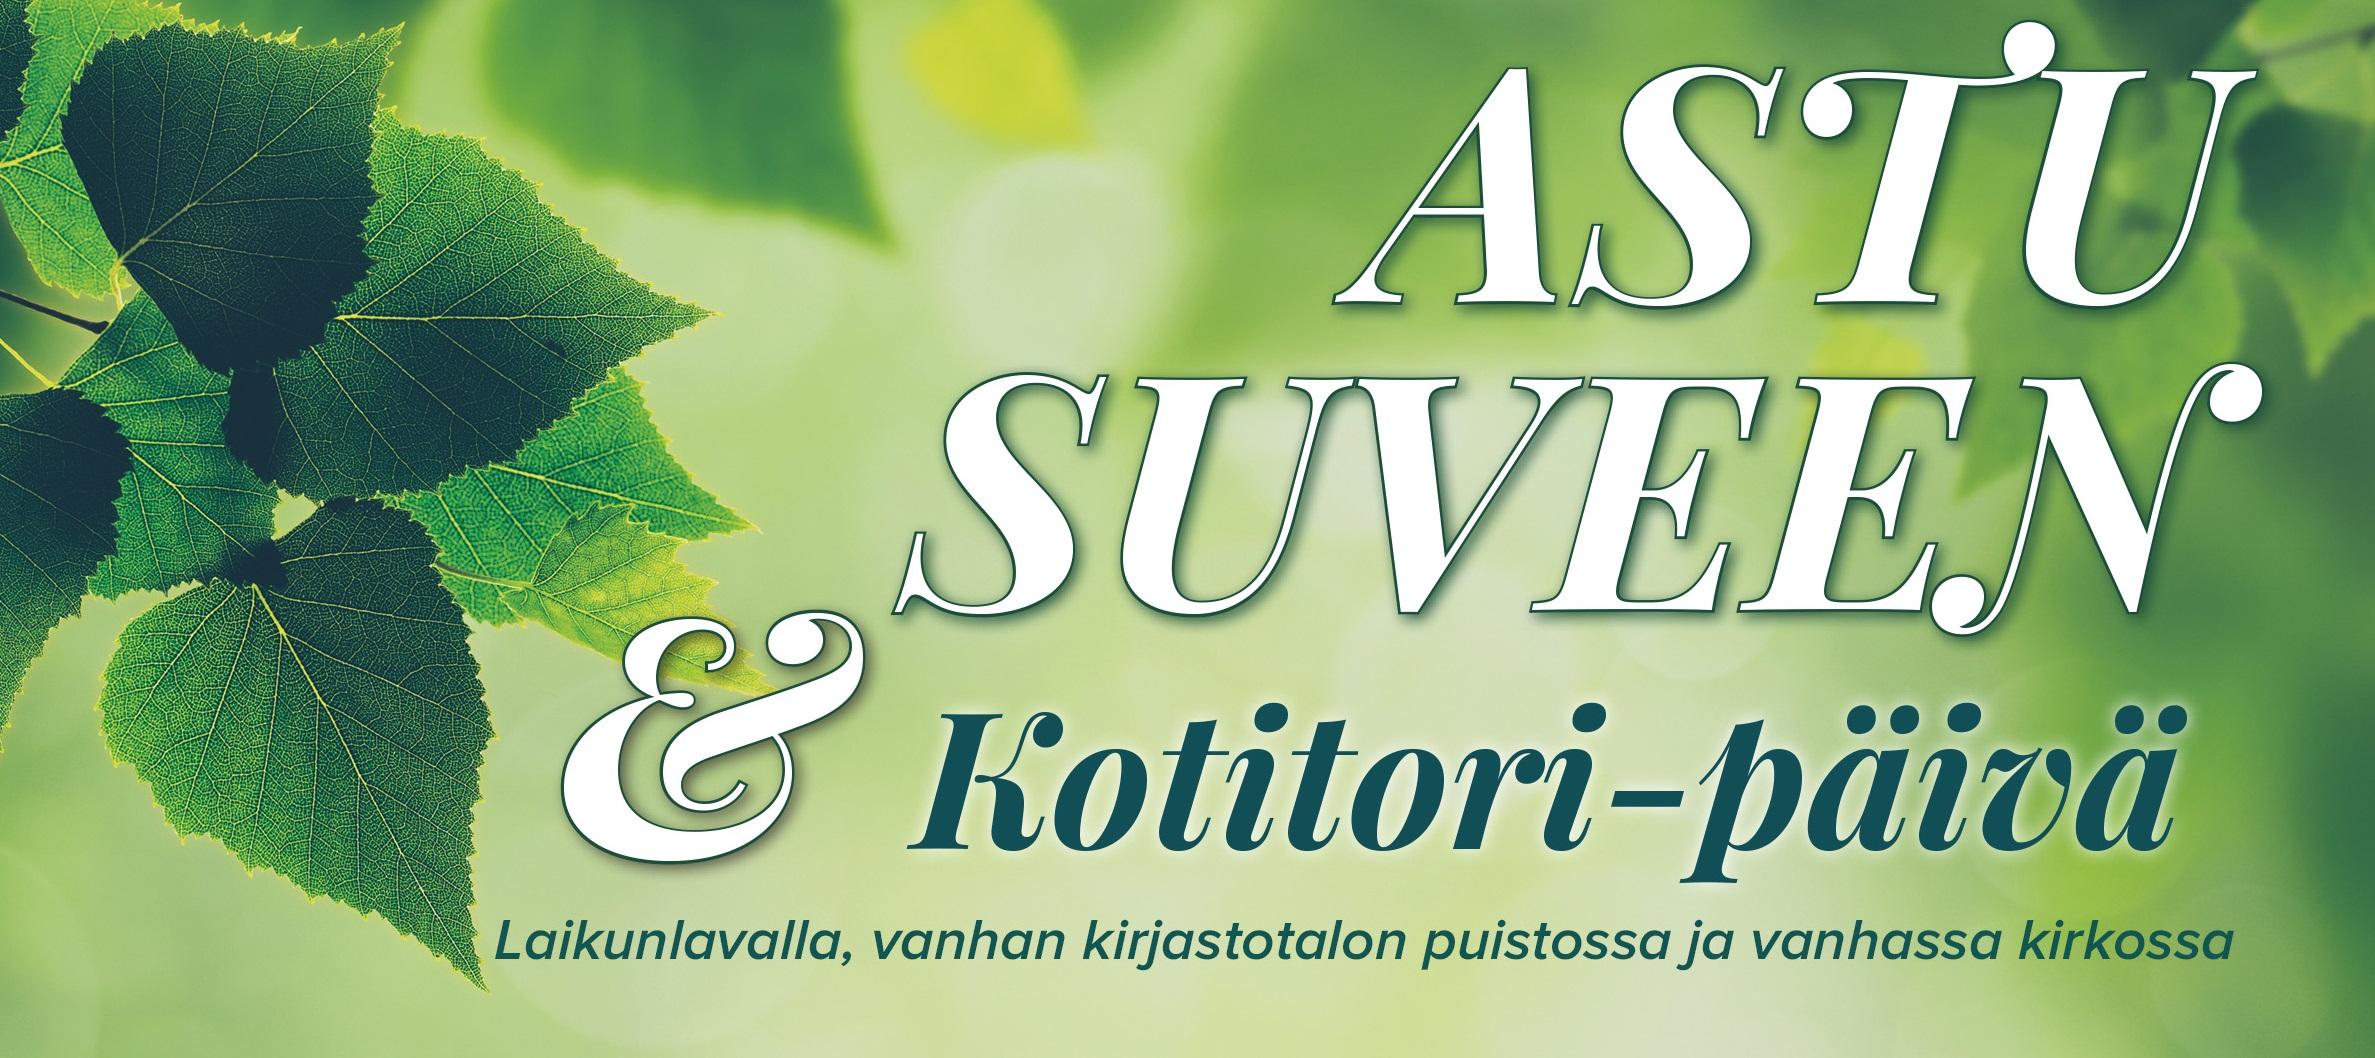 Astu suveen & Kotitori -päivä